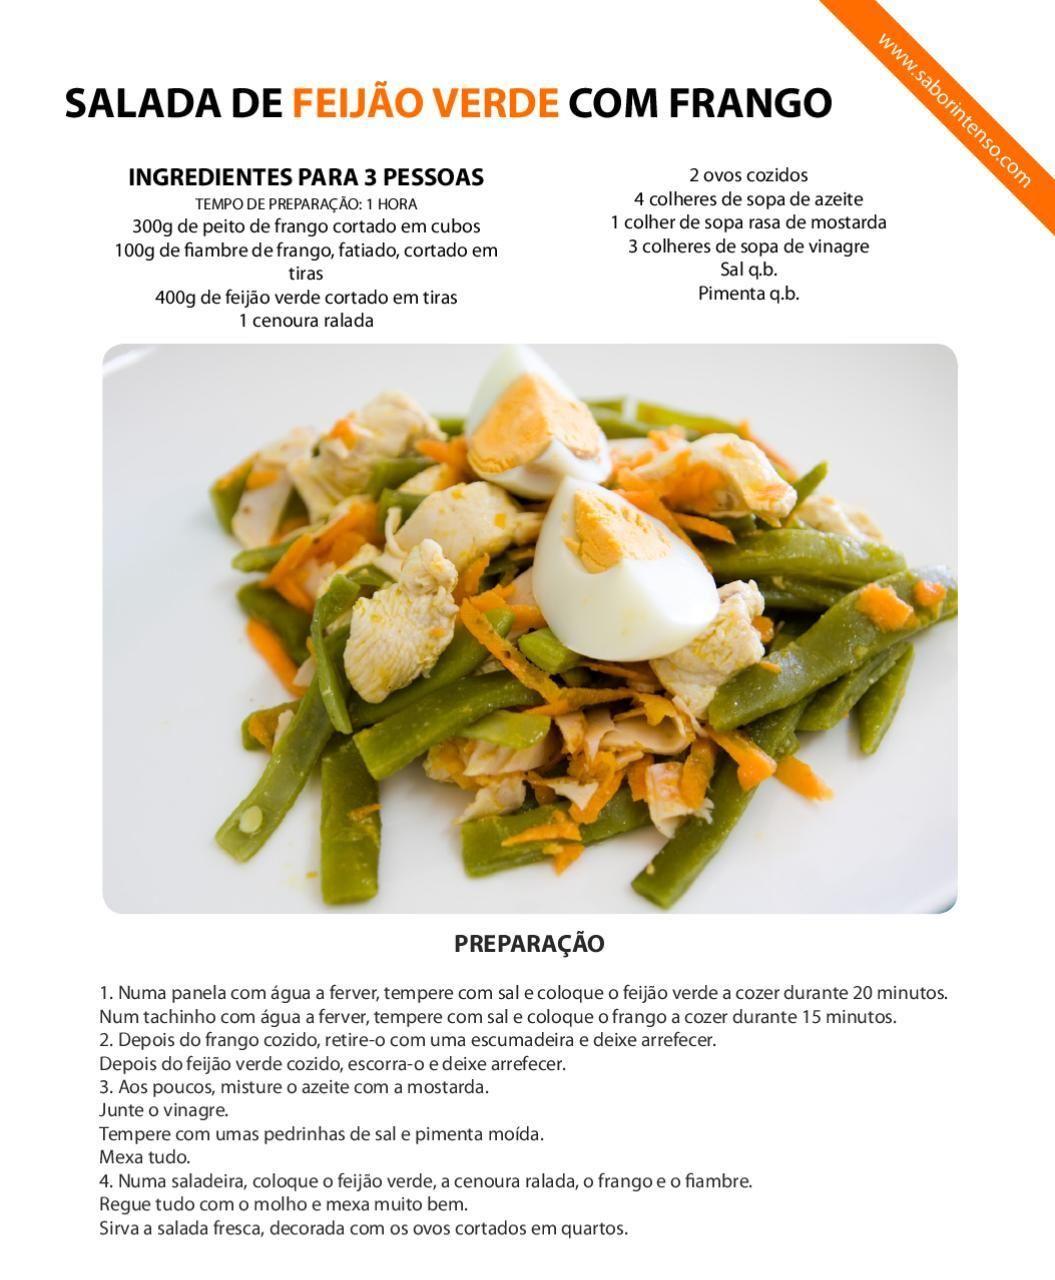 Salada de feijão verde com frango